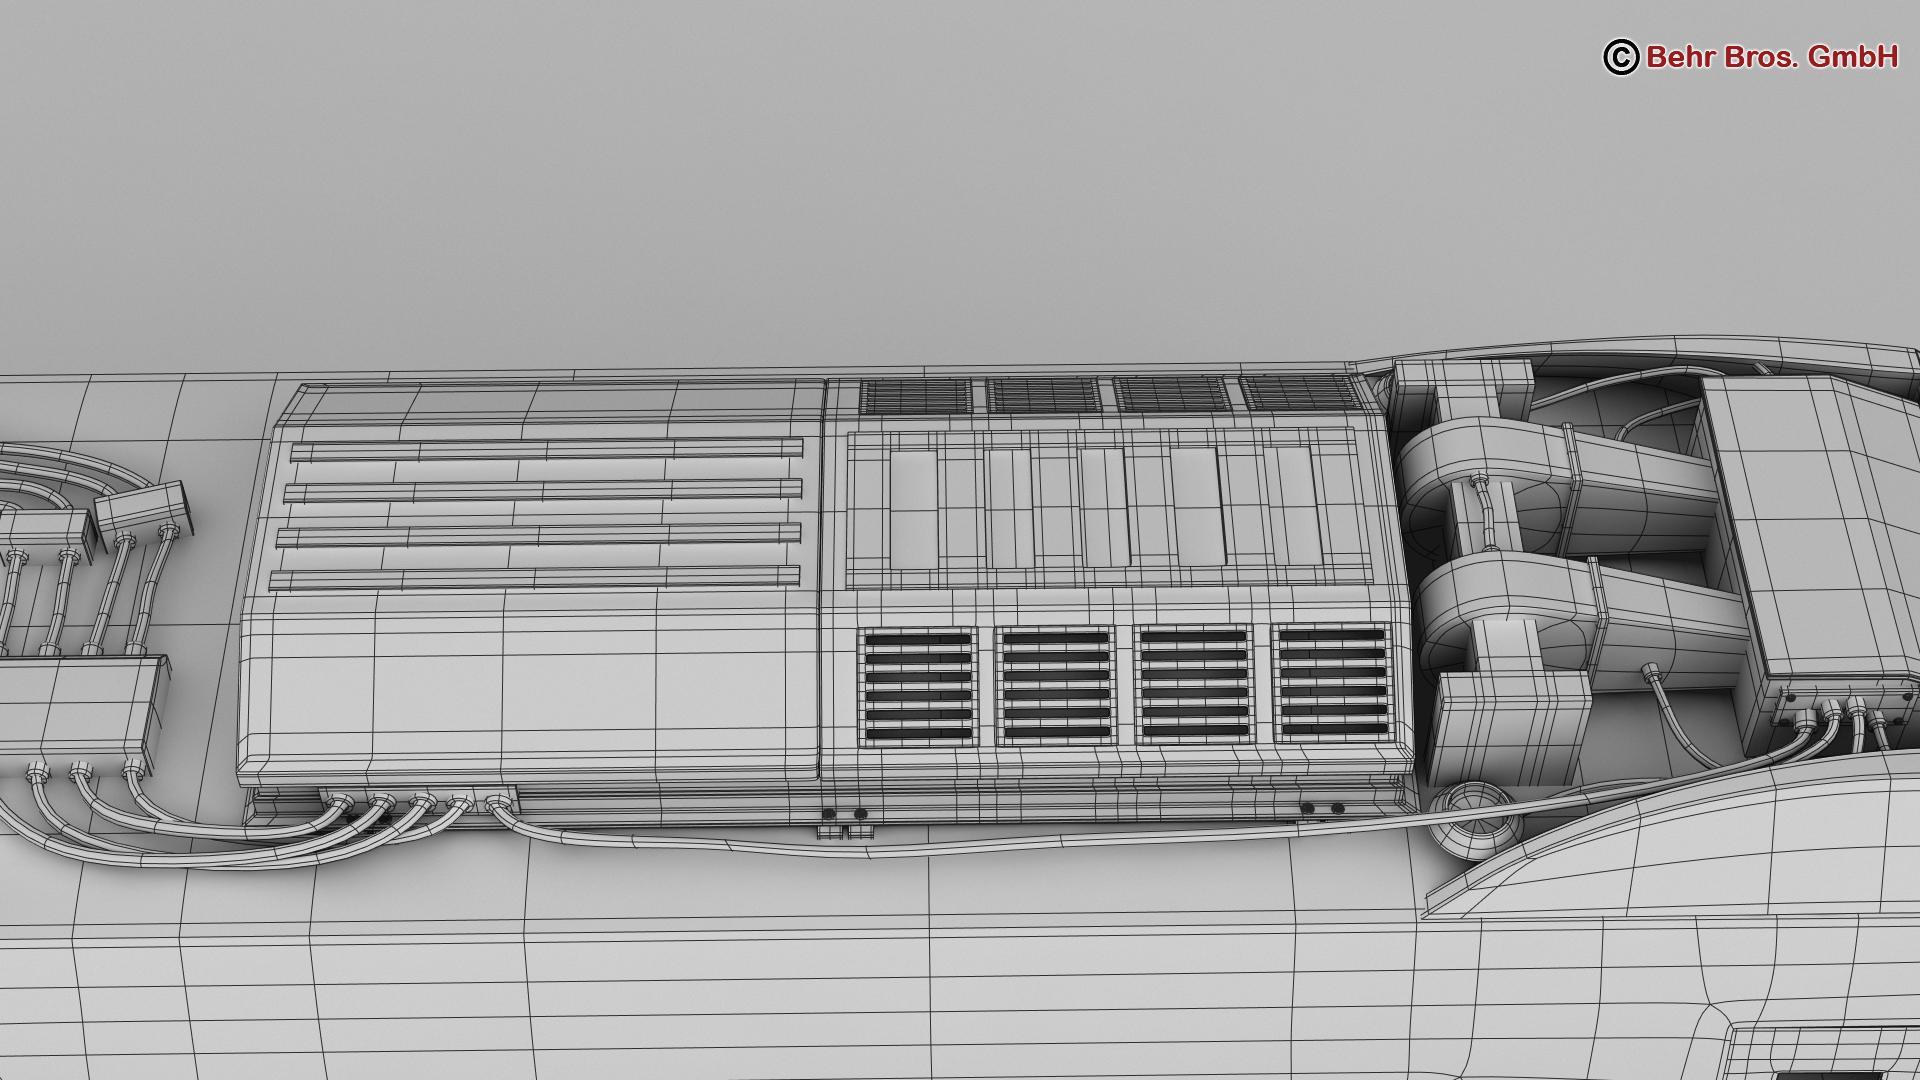 generic commuter train 3d model 3ds max fbx c4d ma mb obj 206632